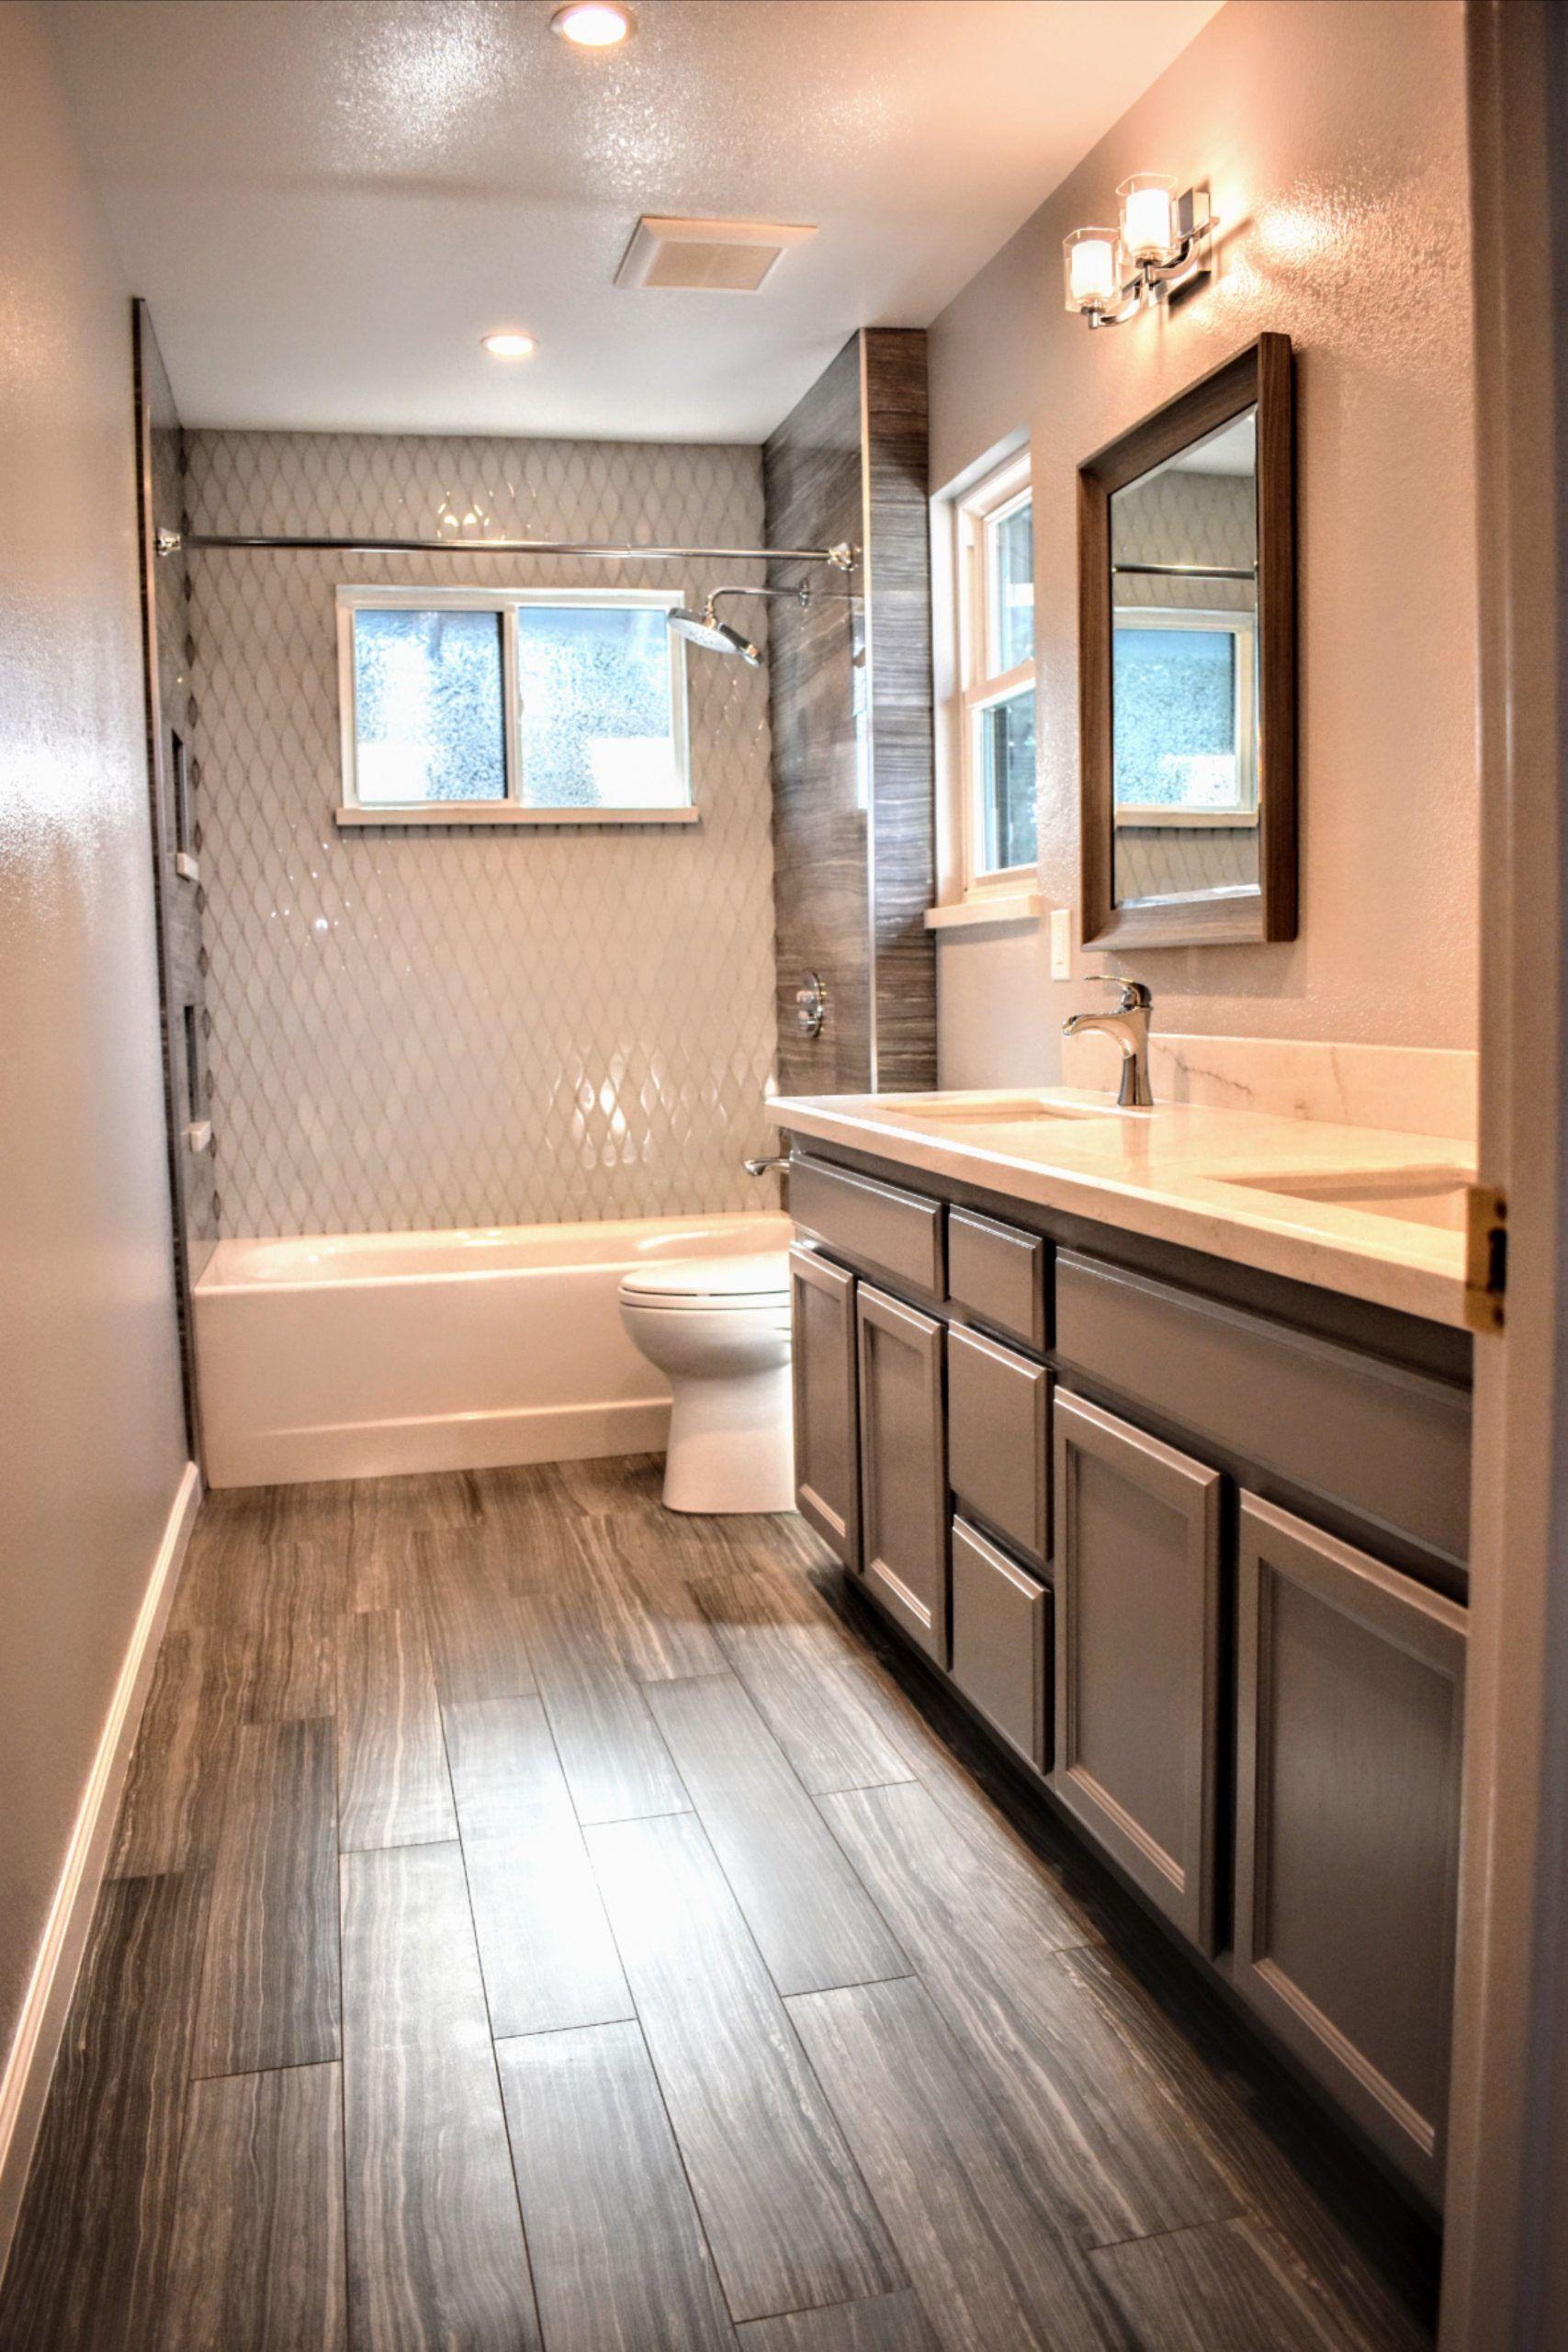 Schones Badezimmer Umgestalten Badezimmer Schones Umgestalten In 2020 Bathrooms Remodel Stucco Homes Retrofit Windows